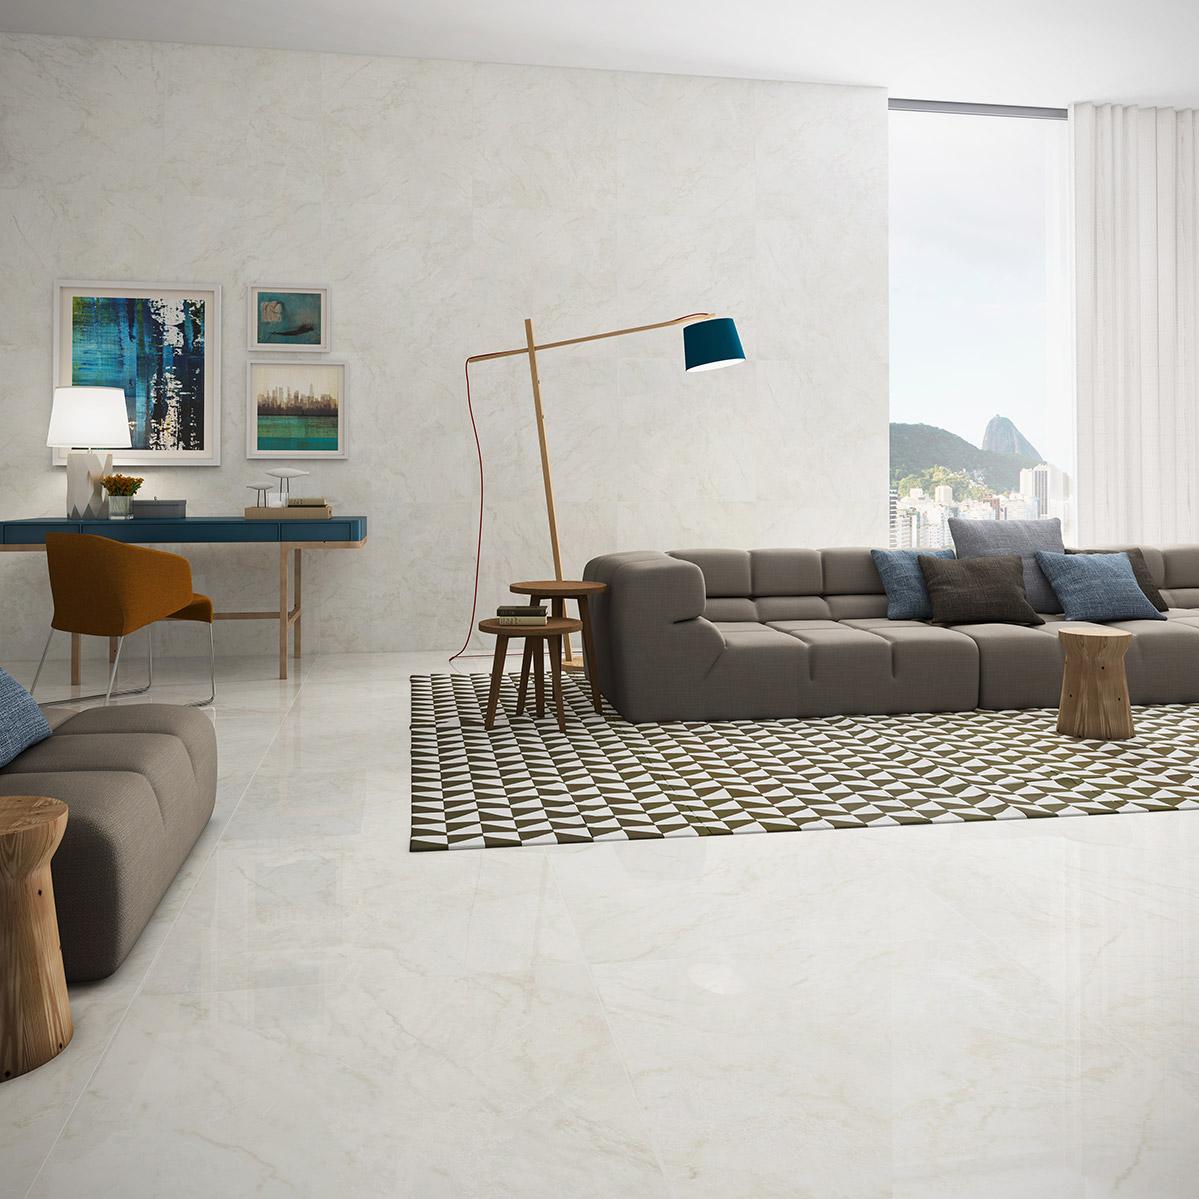 Marmo Egeo Lux Polido 82x82cm <br /><b>R$ 91,30 M²</b><br />Cx 2M² <b> R$ 182,60 M² </b>